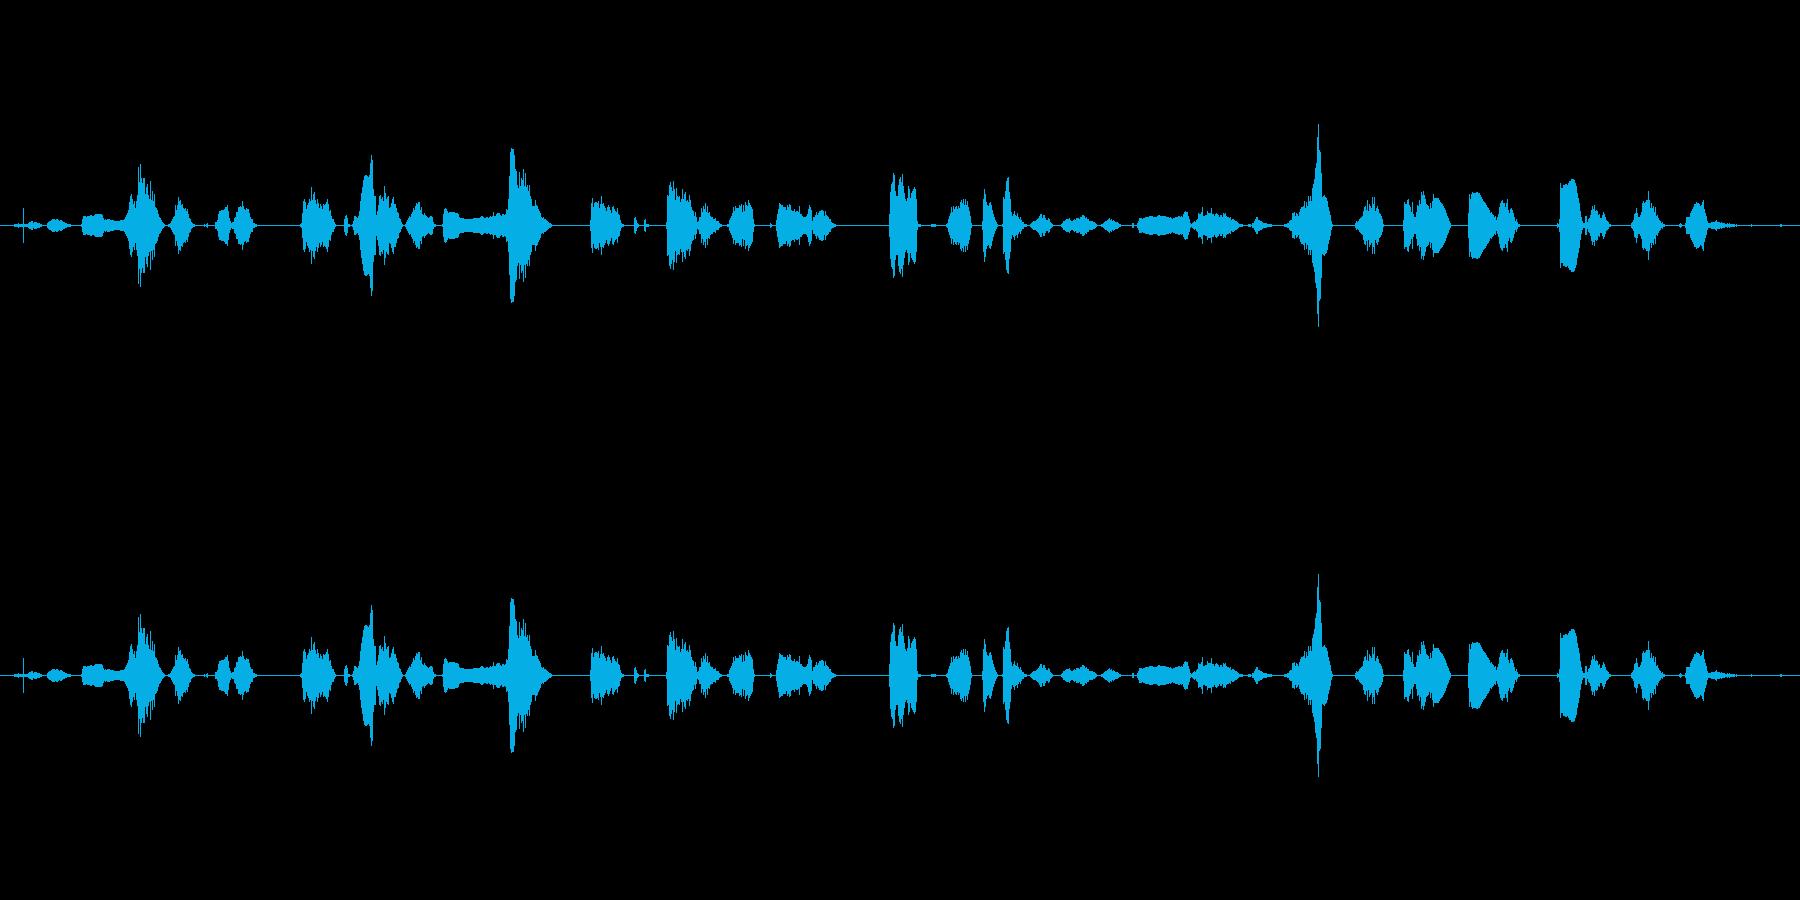 鳴き声 女性のワイン03の再生済みの波形